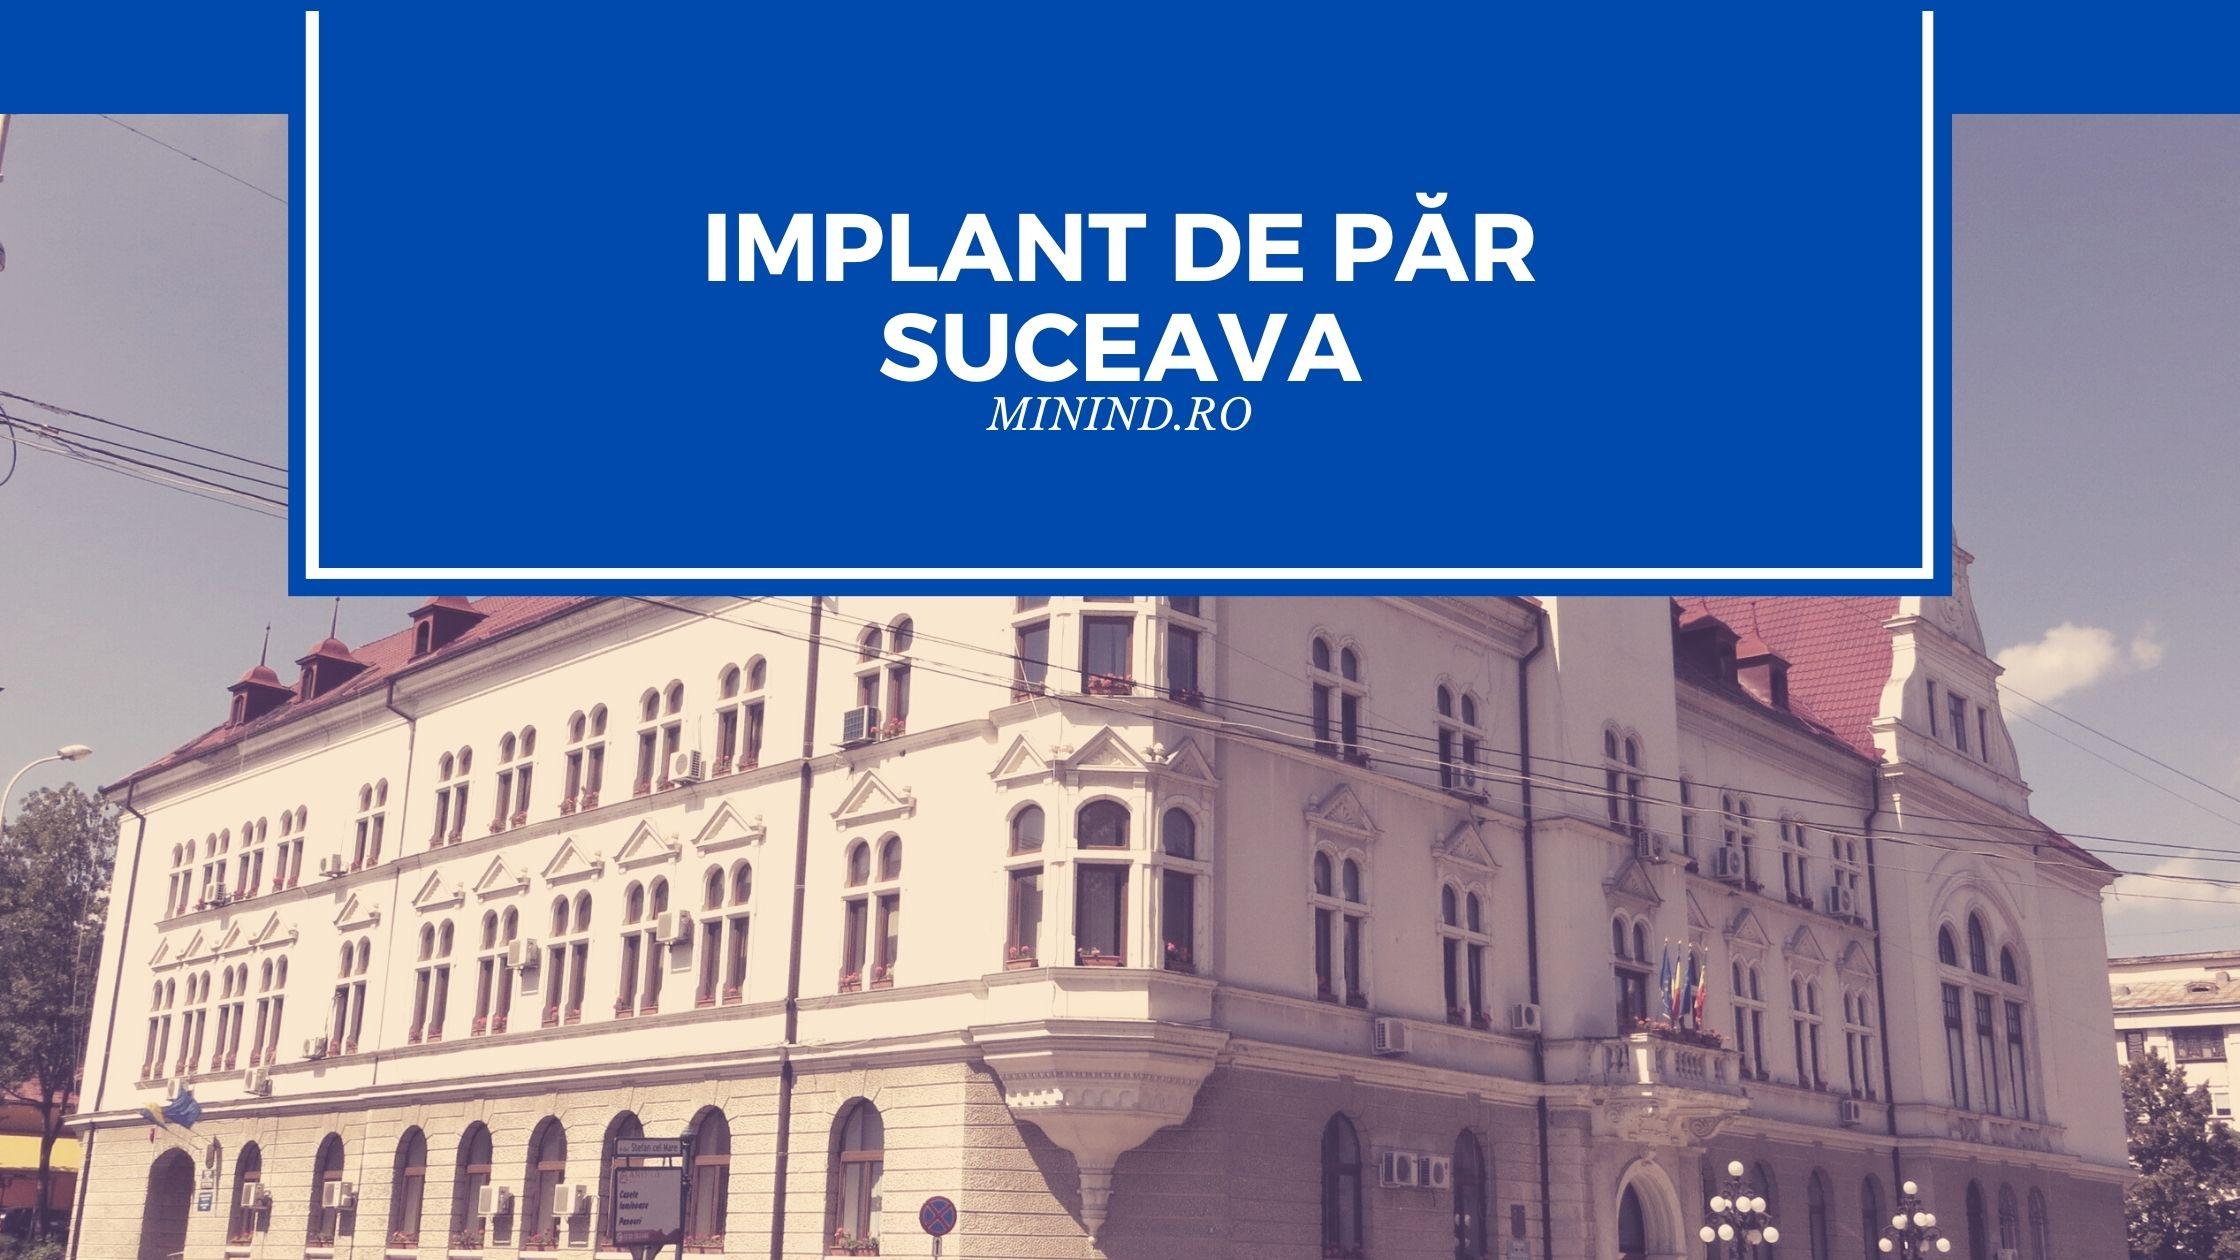 implant de par suceava